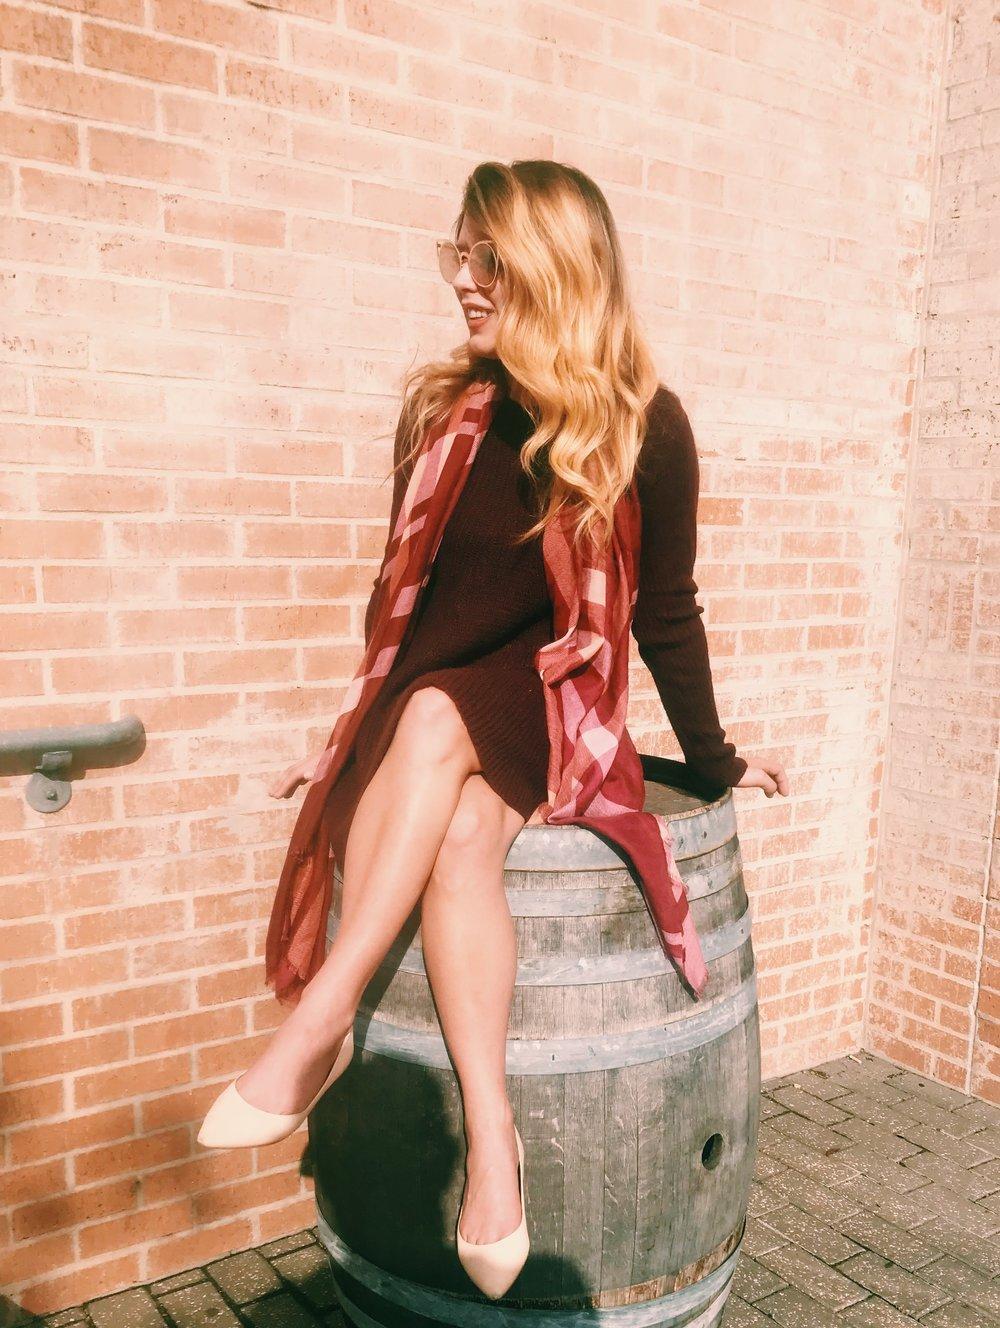 Three Heel Clicks - Sweater Dress (1).jpg